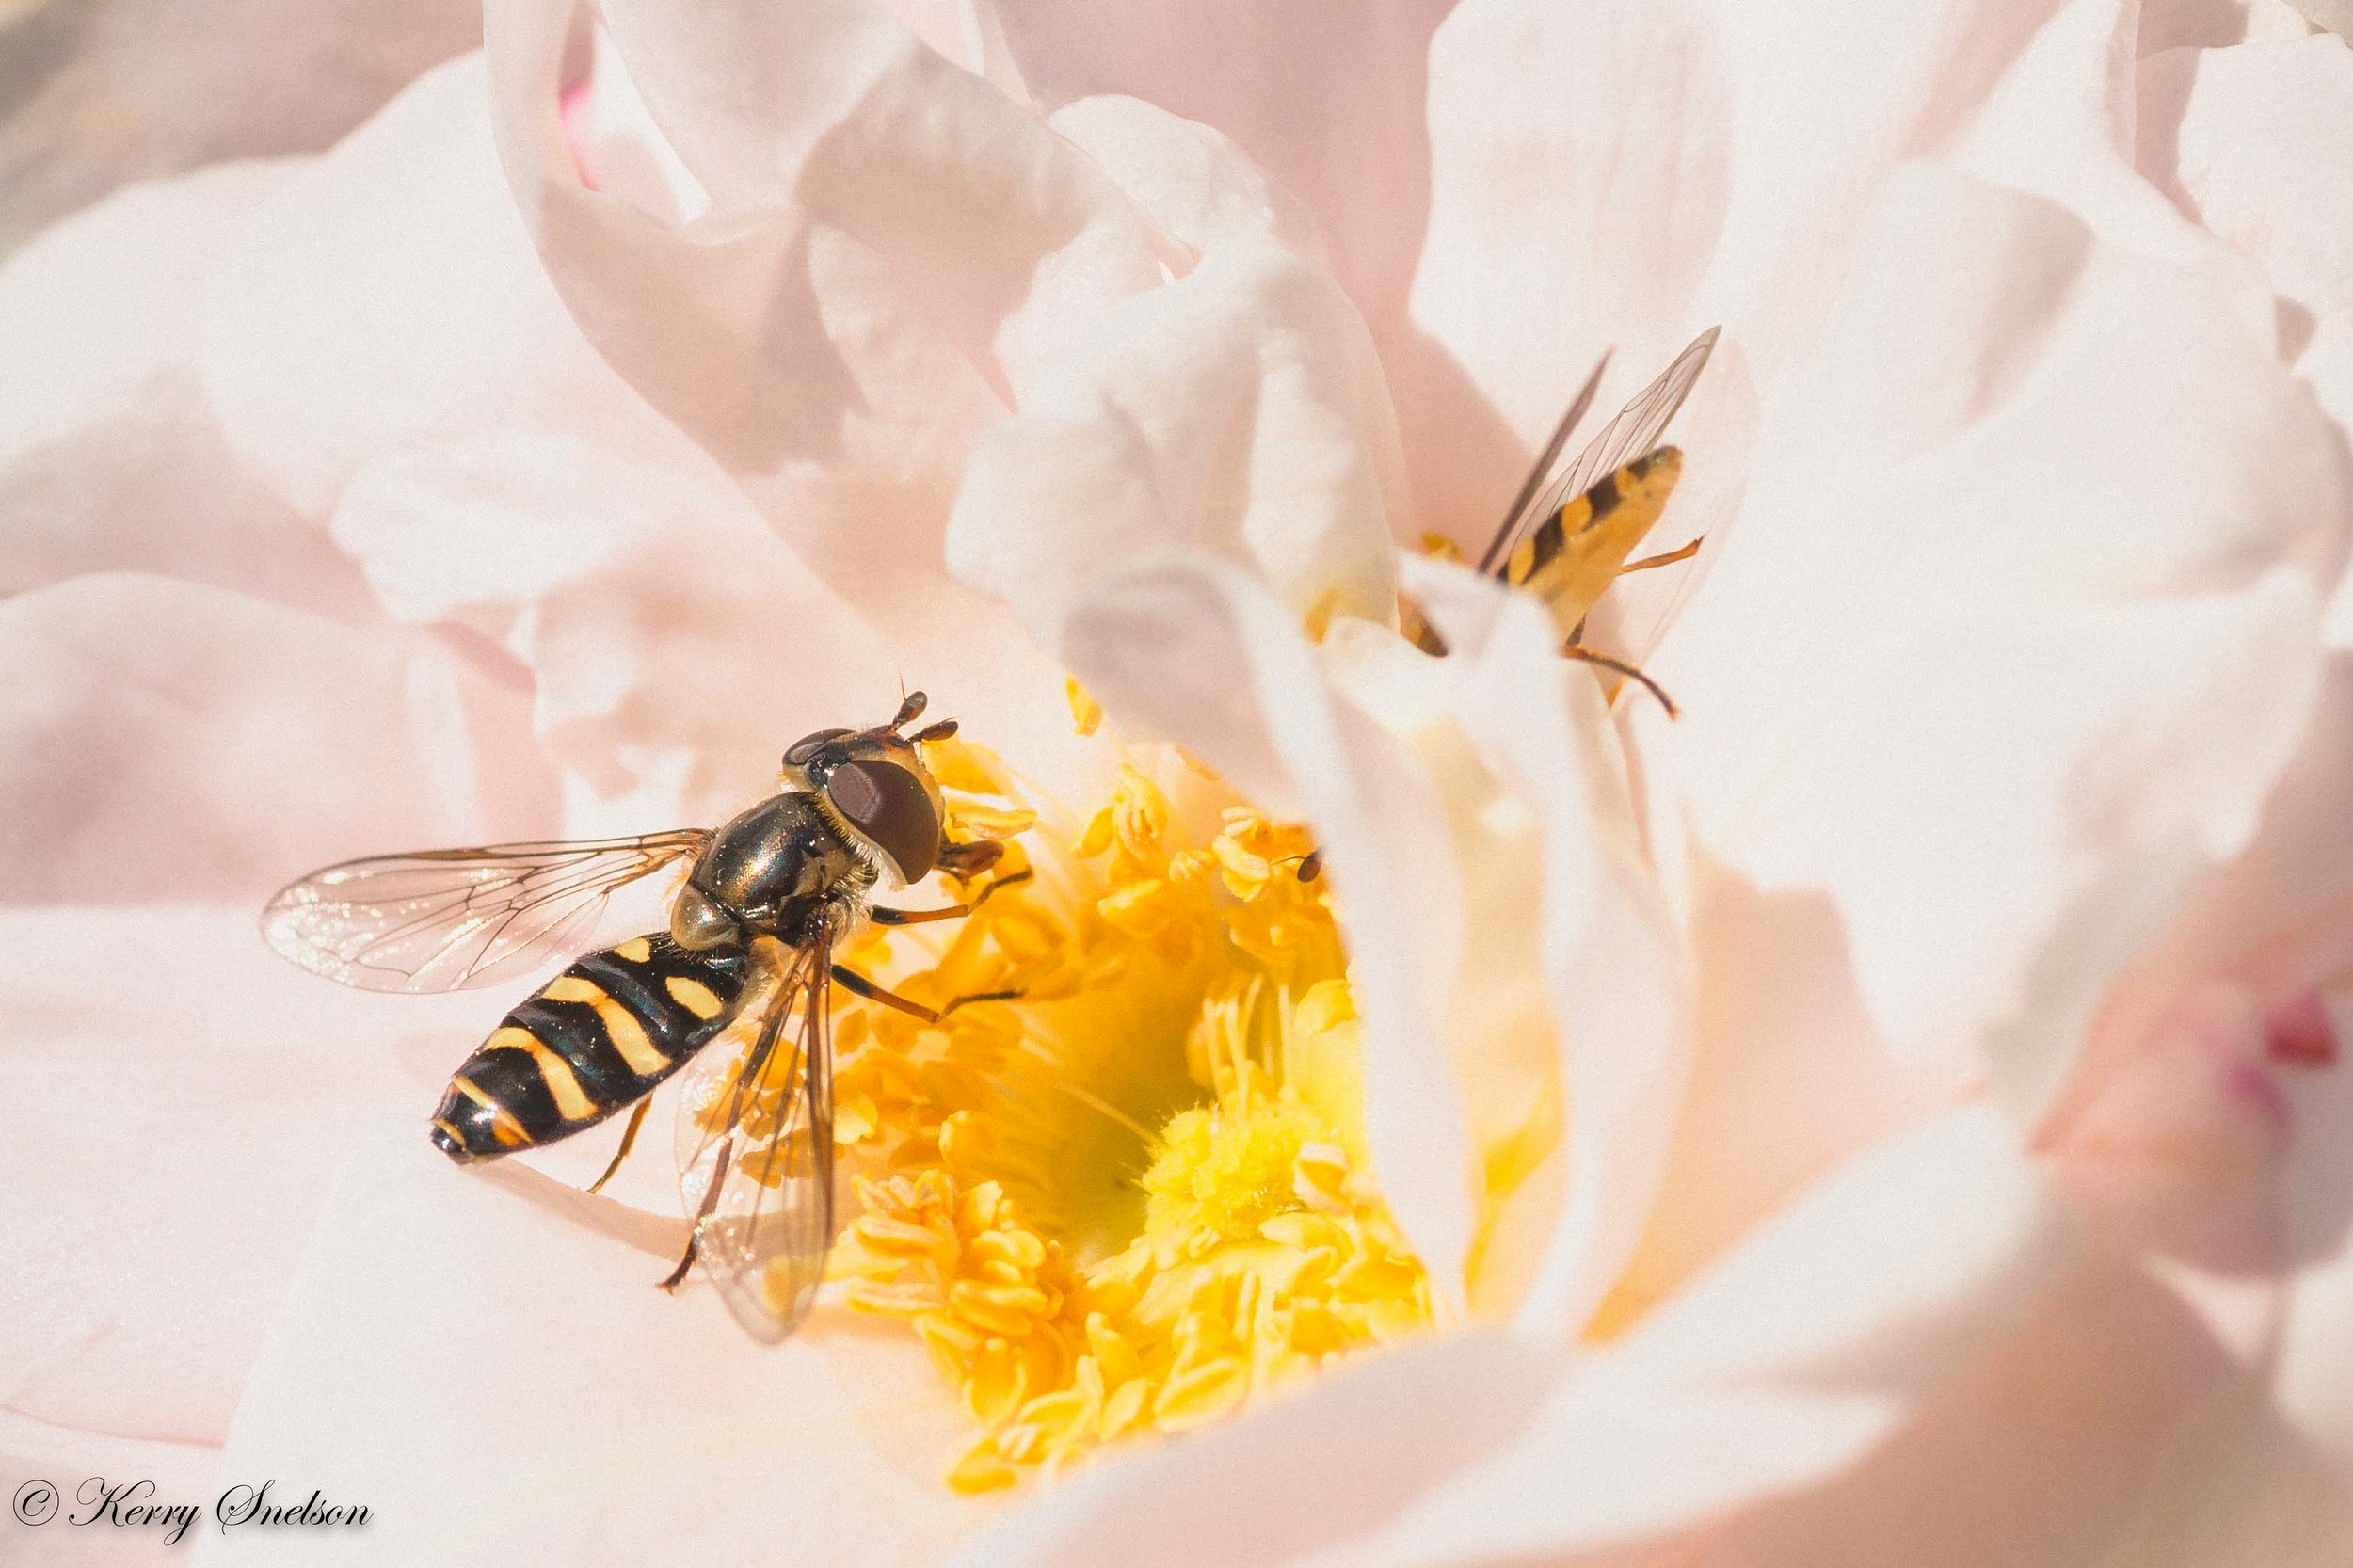 Hoverflies on Pink Rose